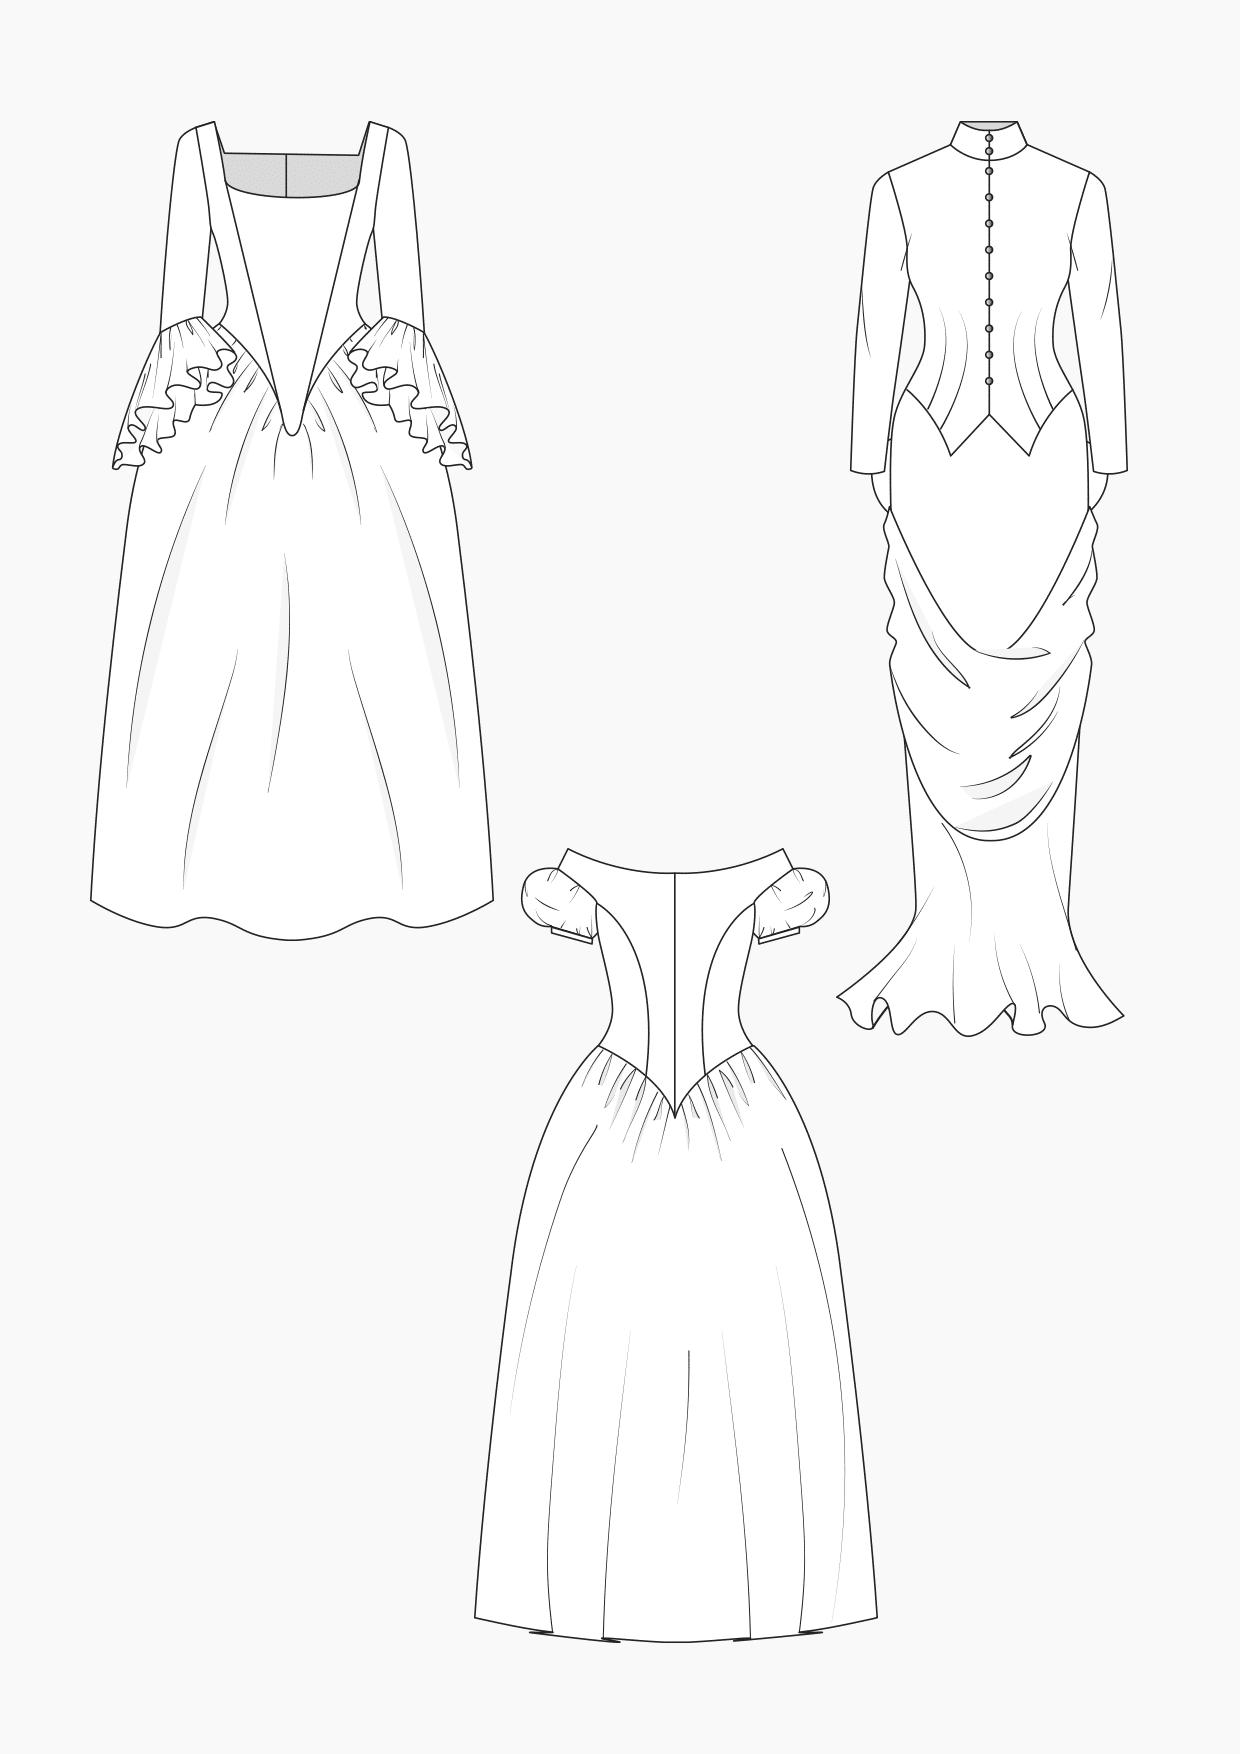 Produkt: Schnitt-Technik Historische Kleider